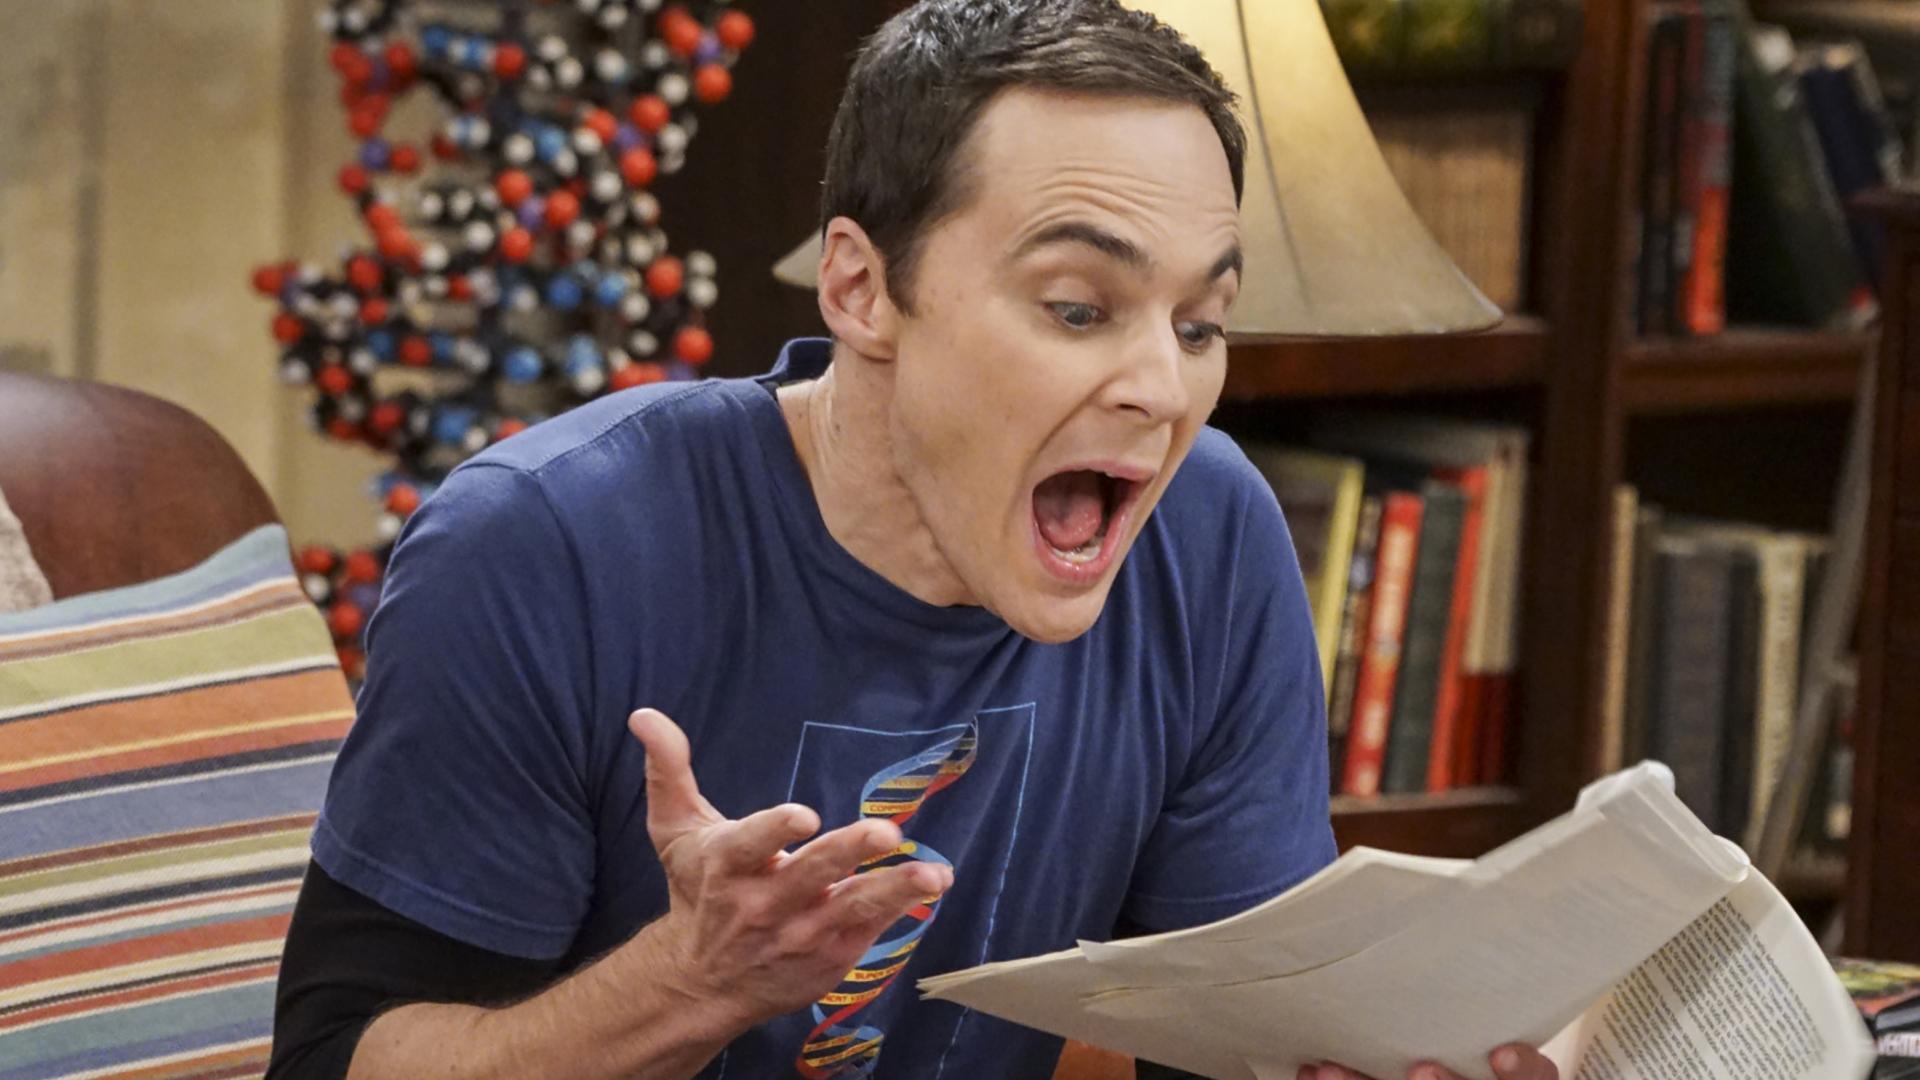 Sheldon freaks out over Bert's work.